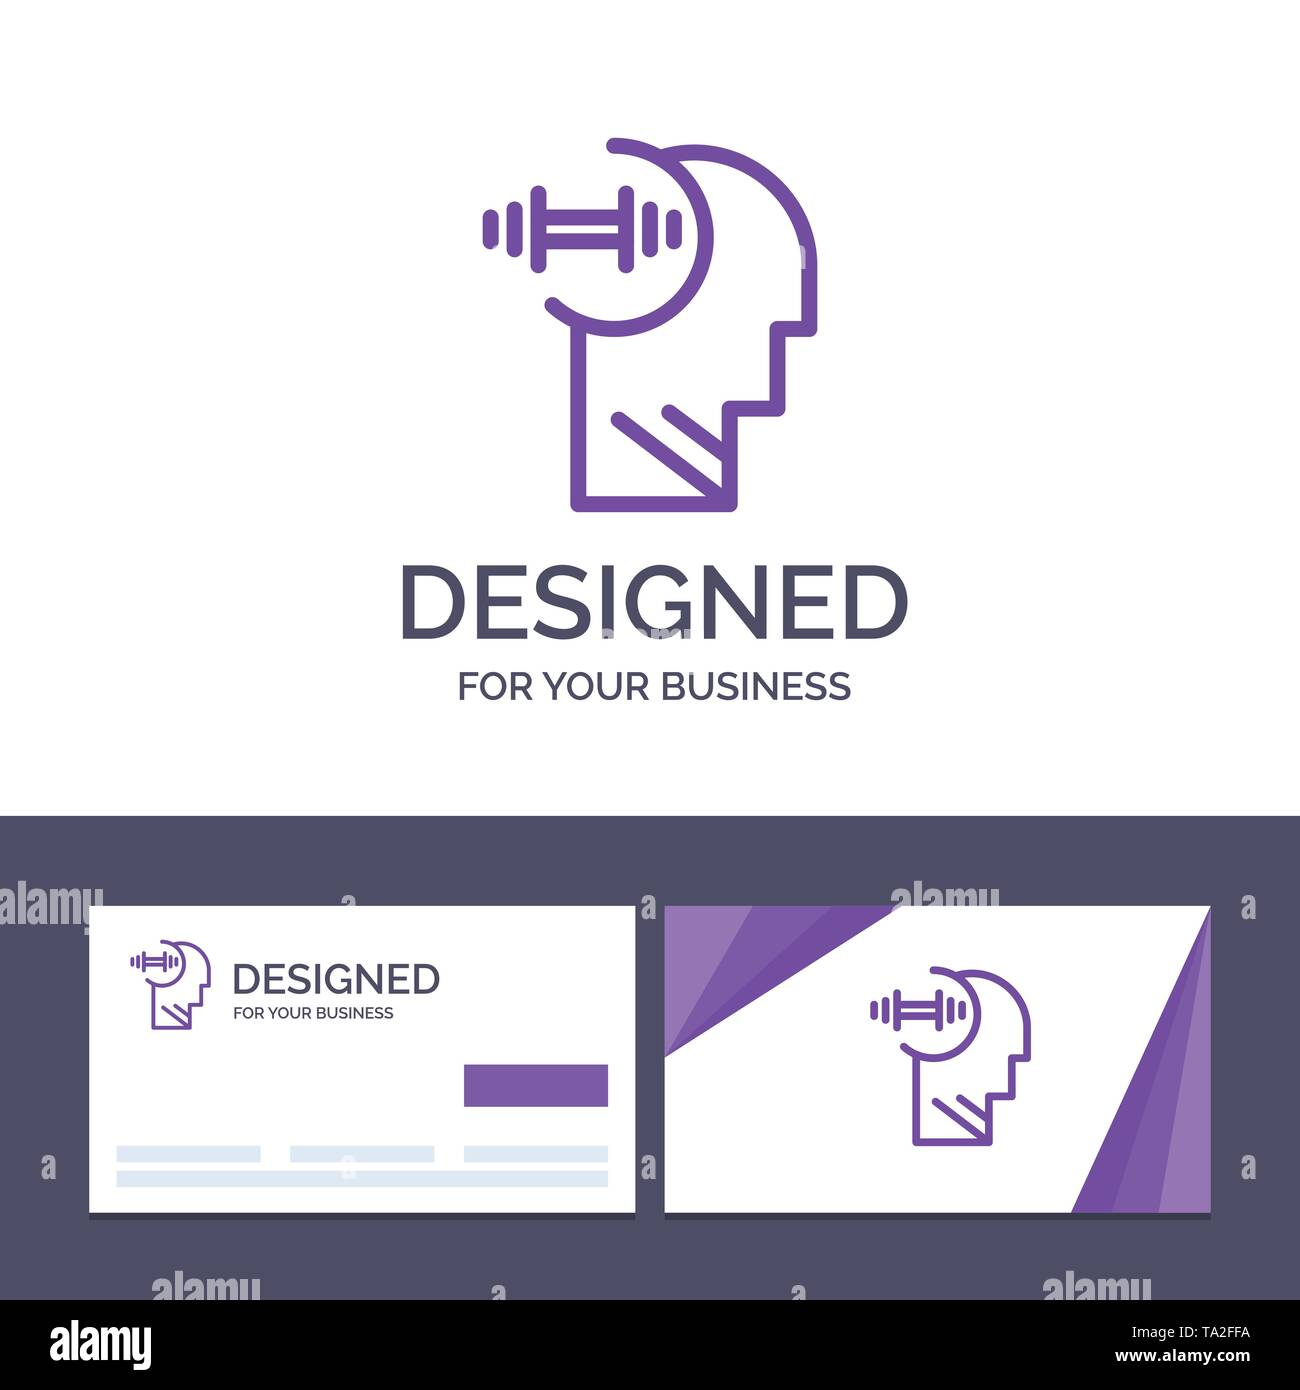 Creative Business Card und Logo Vorlage Ausbildung, Brian, Hantel, Leiter Vector Illustration Stockbild